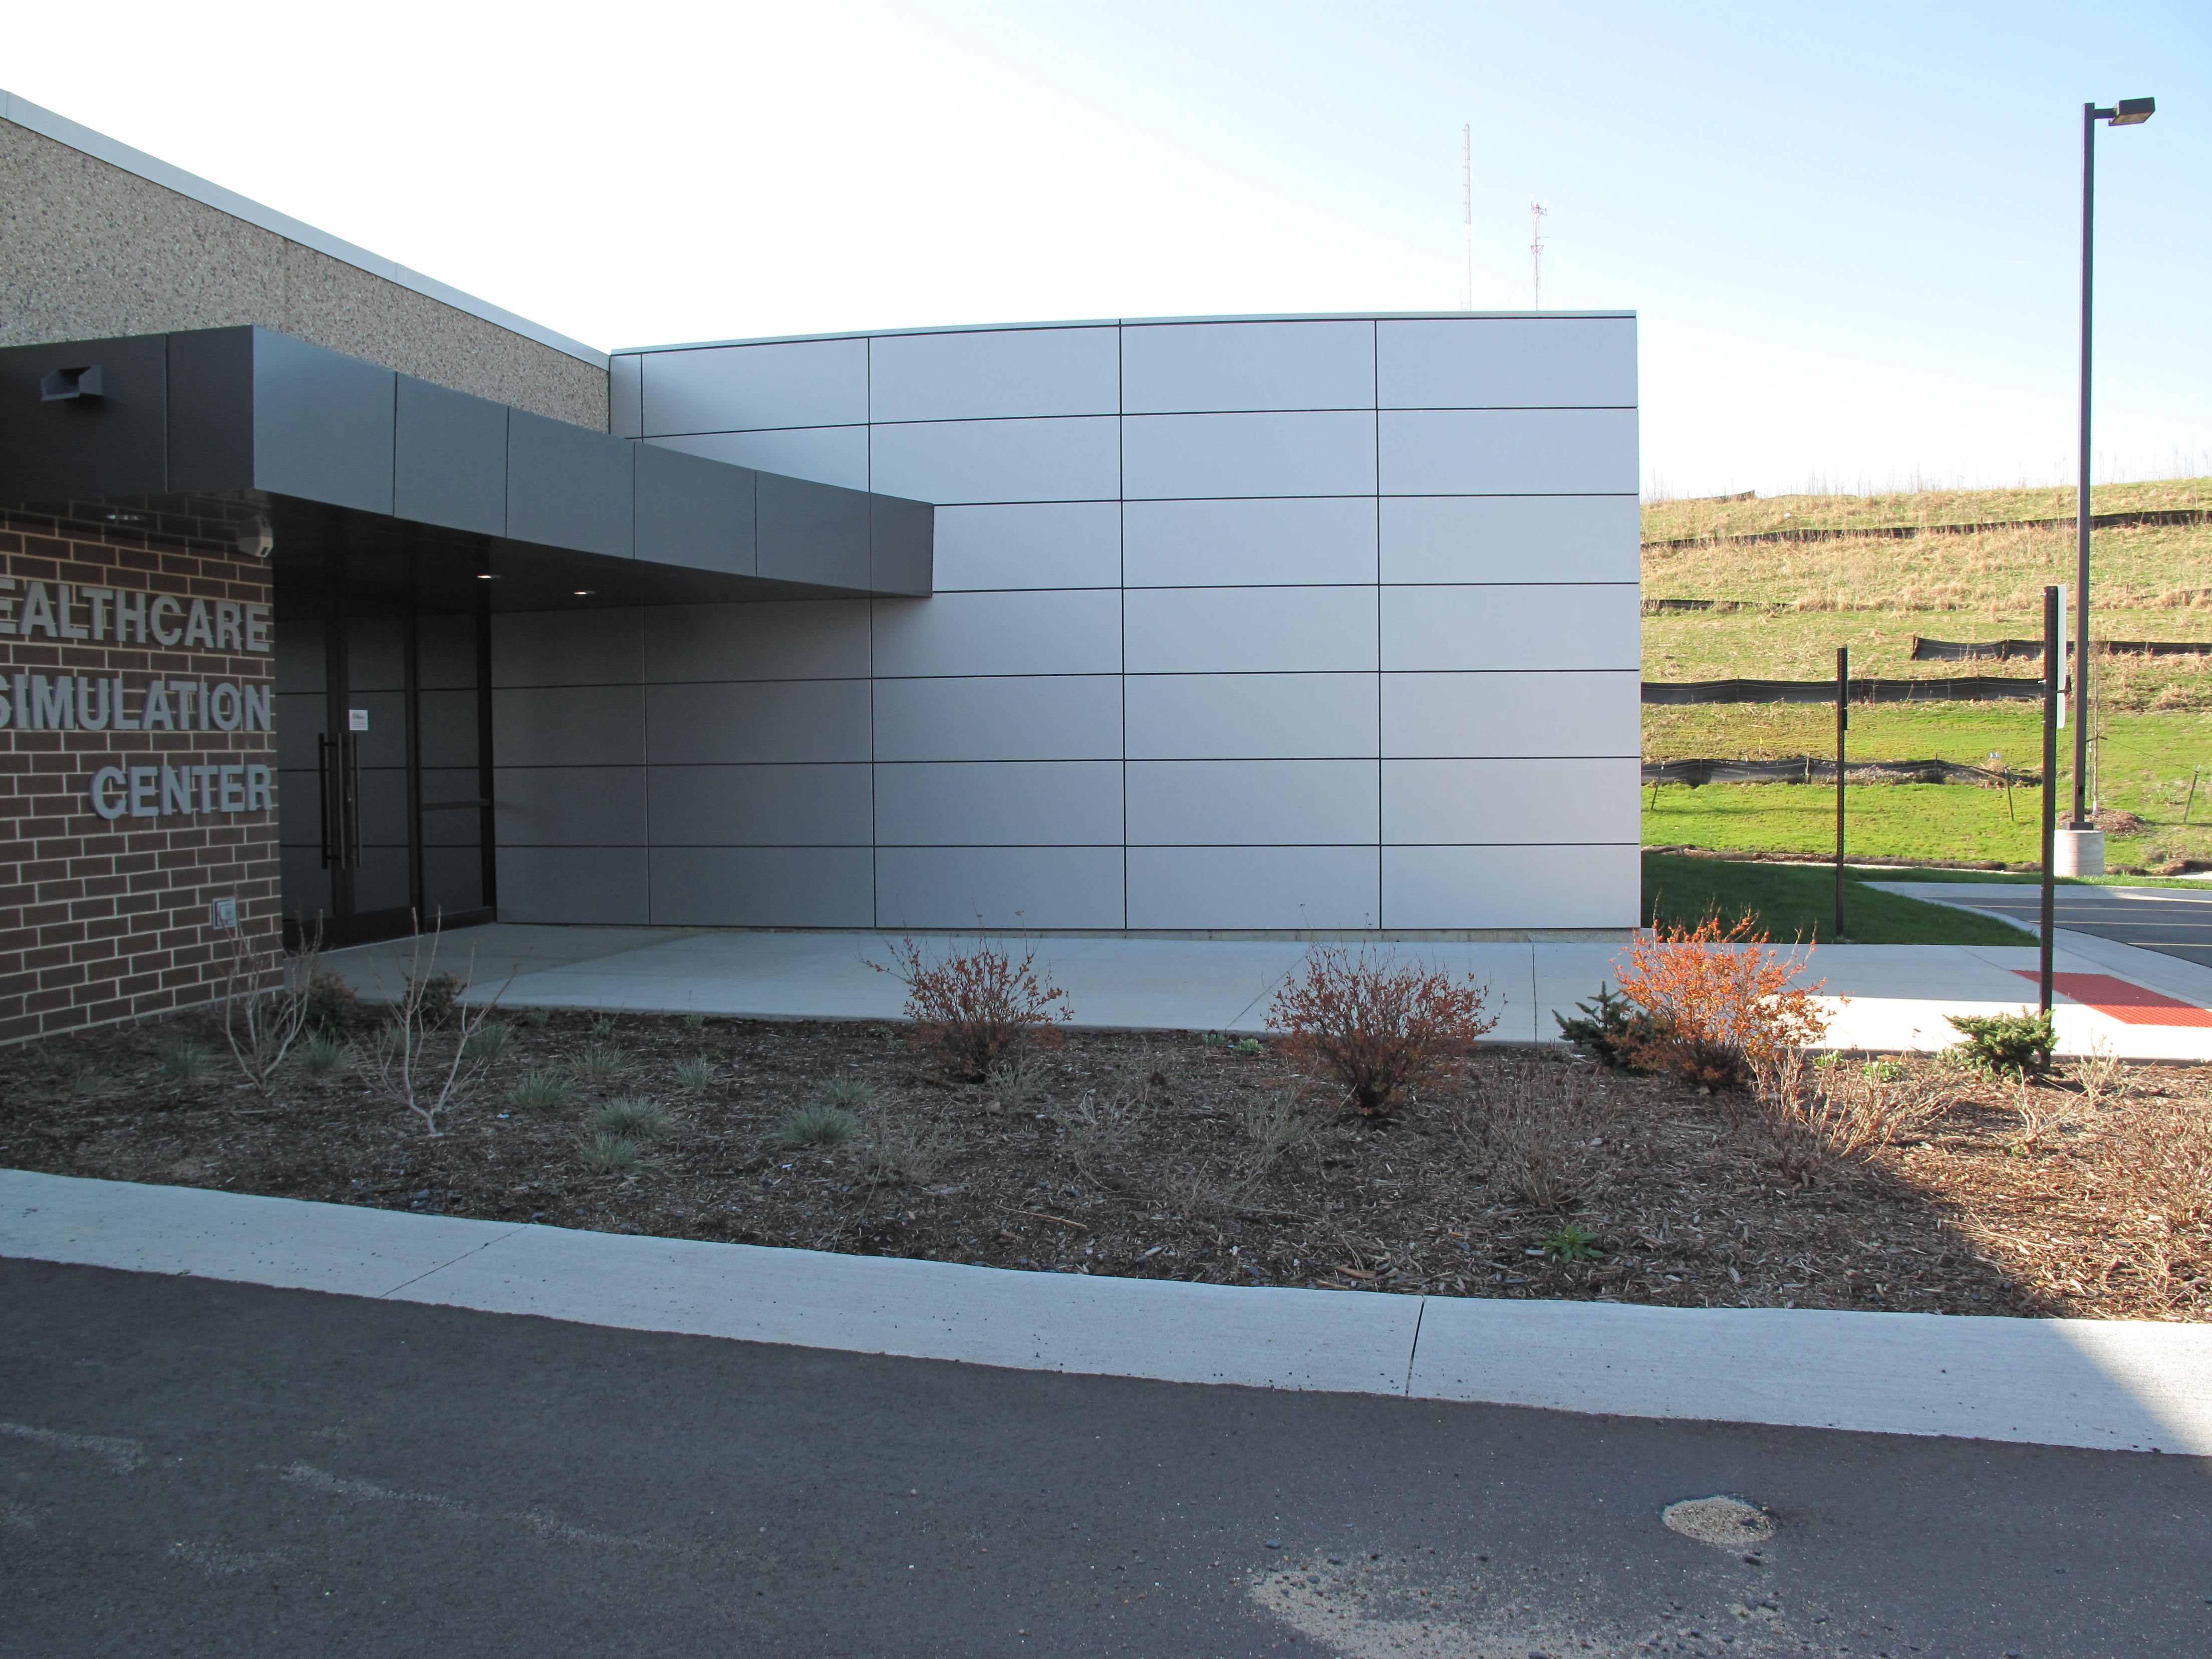 Kirkwood Health Simulation Lab (Cedar Rapids)